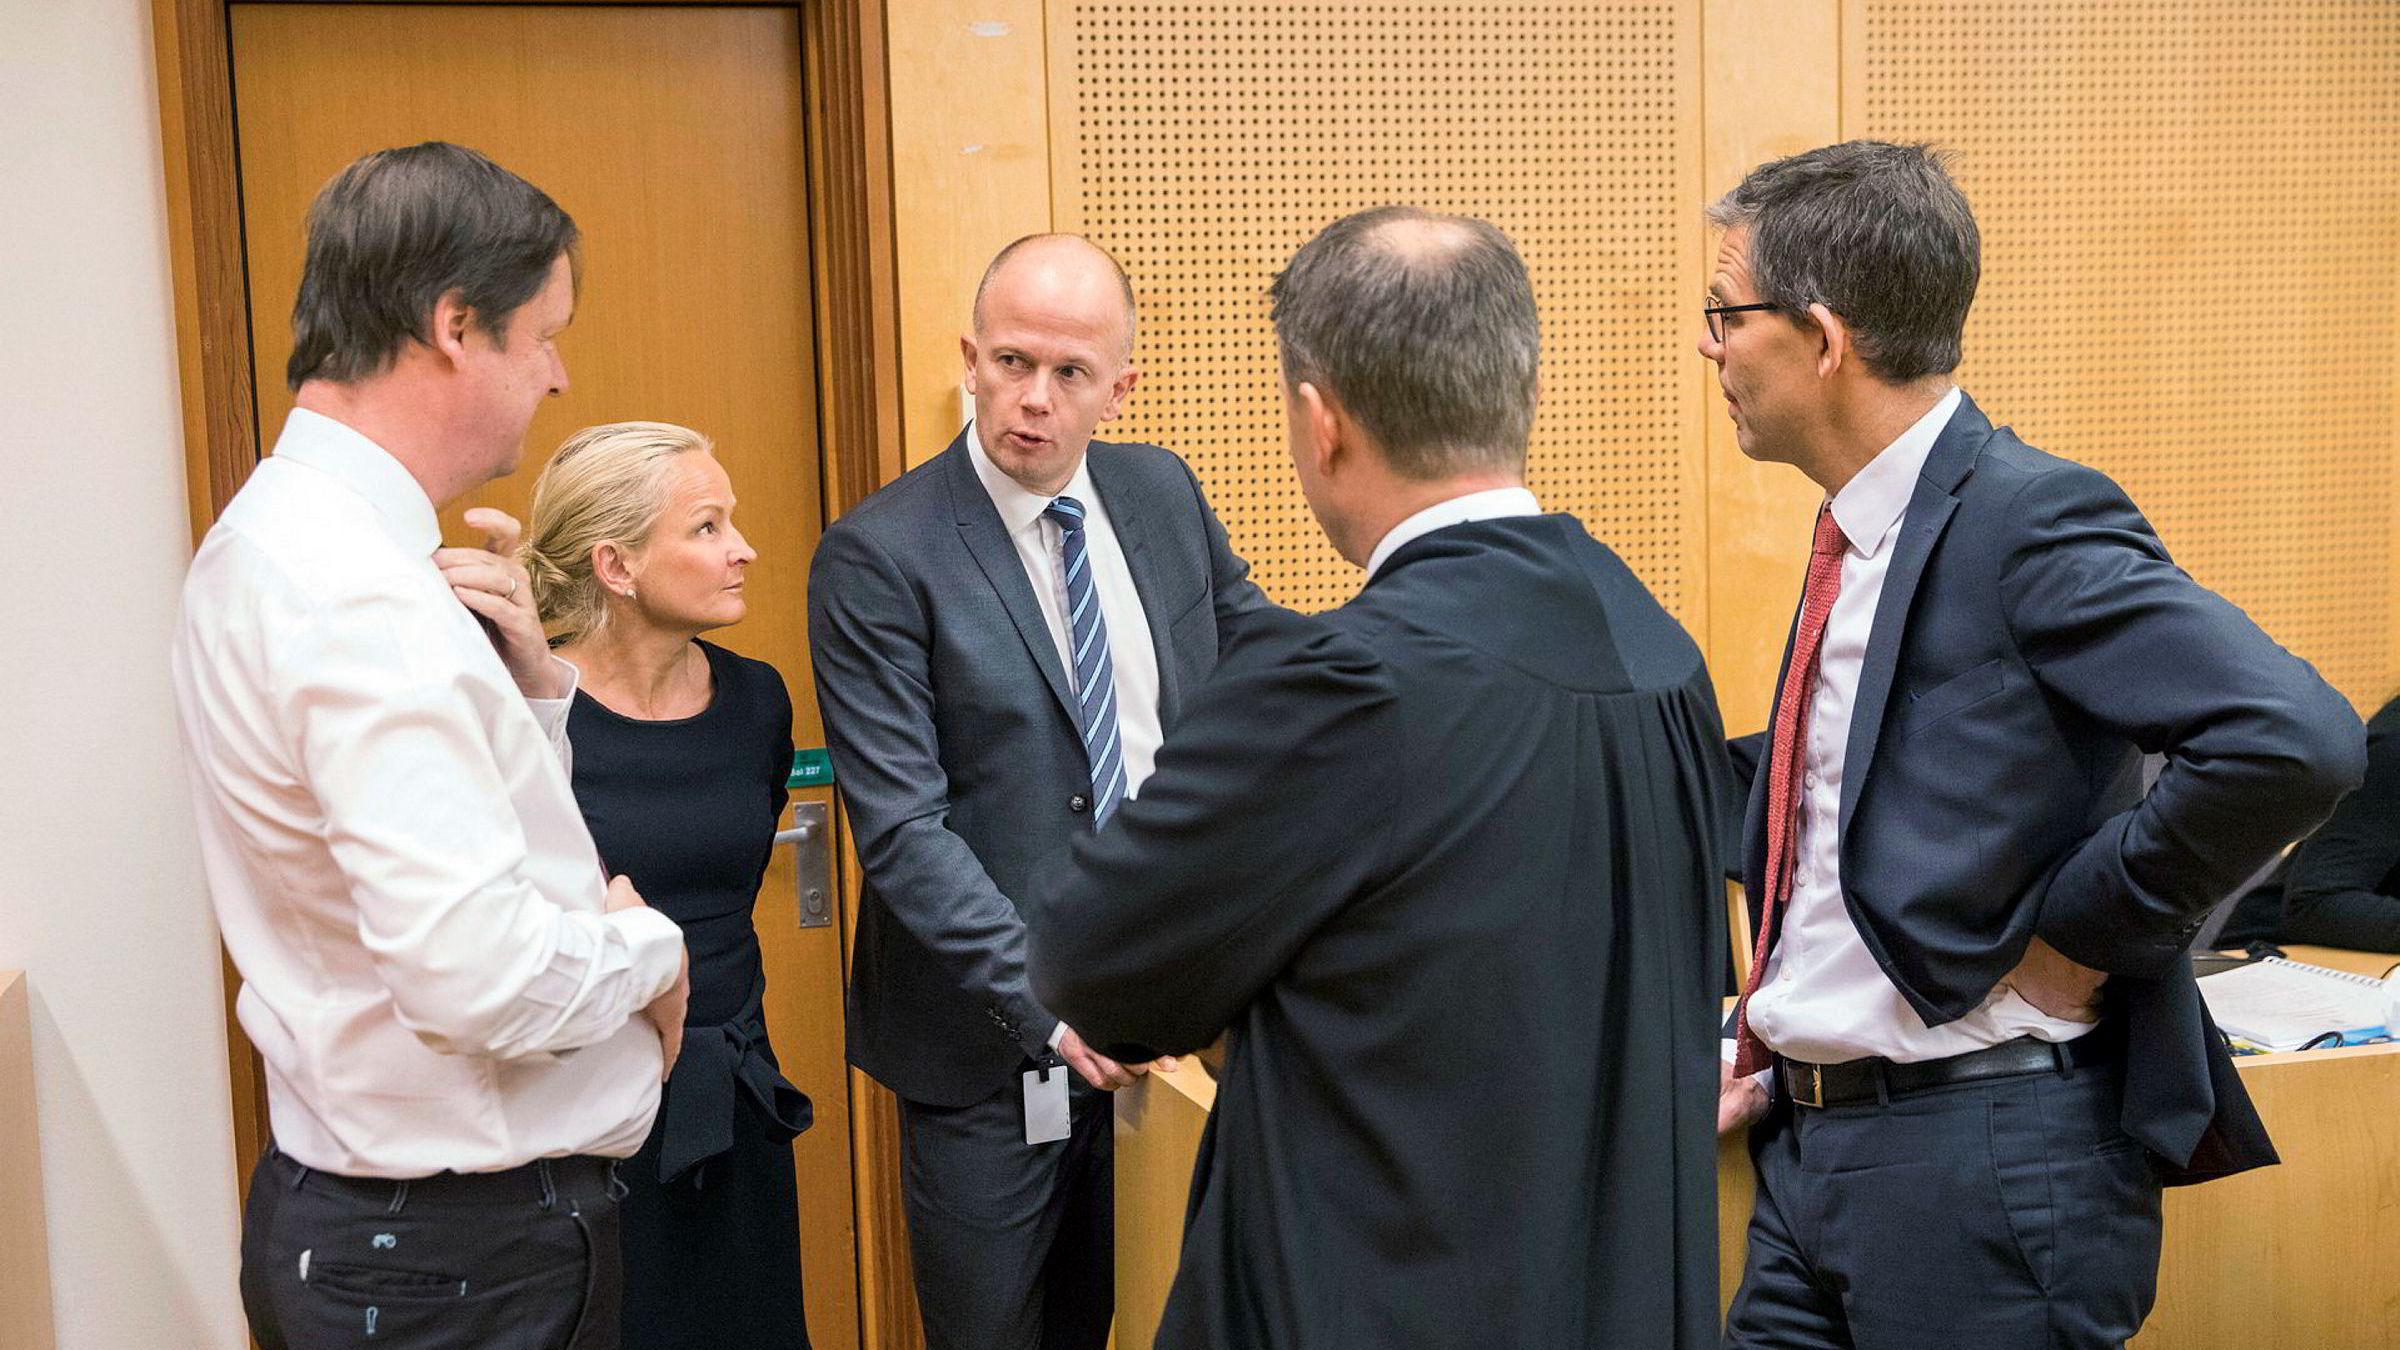 Forsvarerne John Christian Elden (fra venstre), Sol Elden, Svein Holden, Jan Erik Teigum (med ryggen til), og Vegard Aaløkken snakker sammen i Oslo tingrett under rettssaken om misbruk av au pair-ordningen.